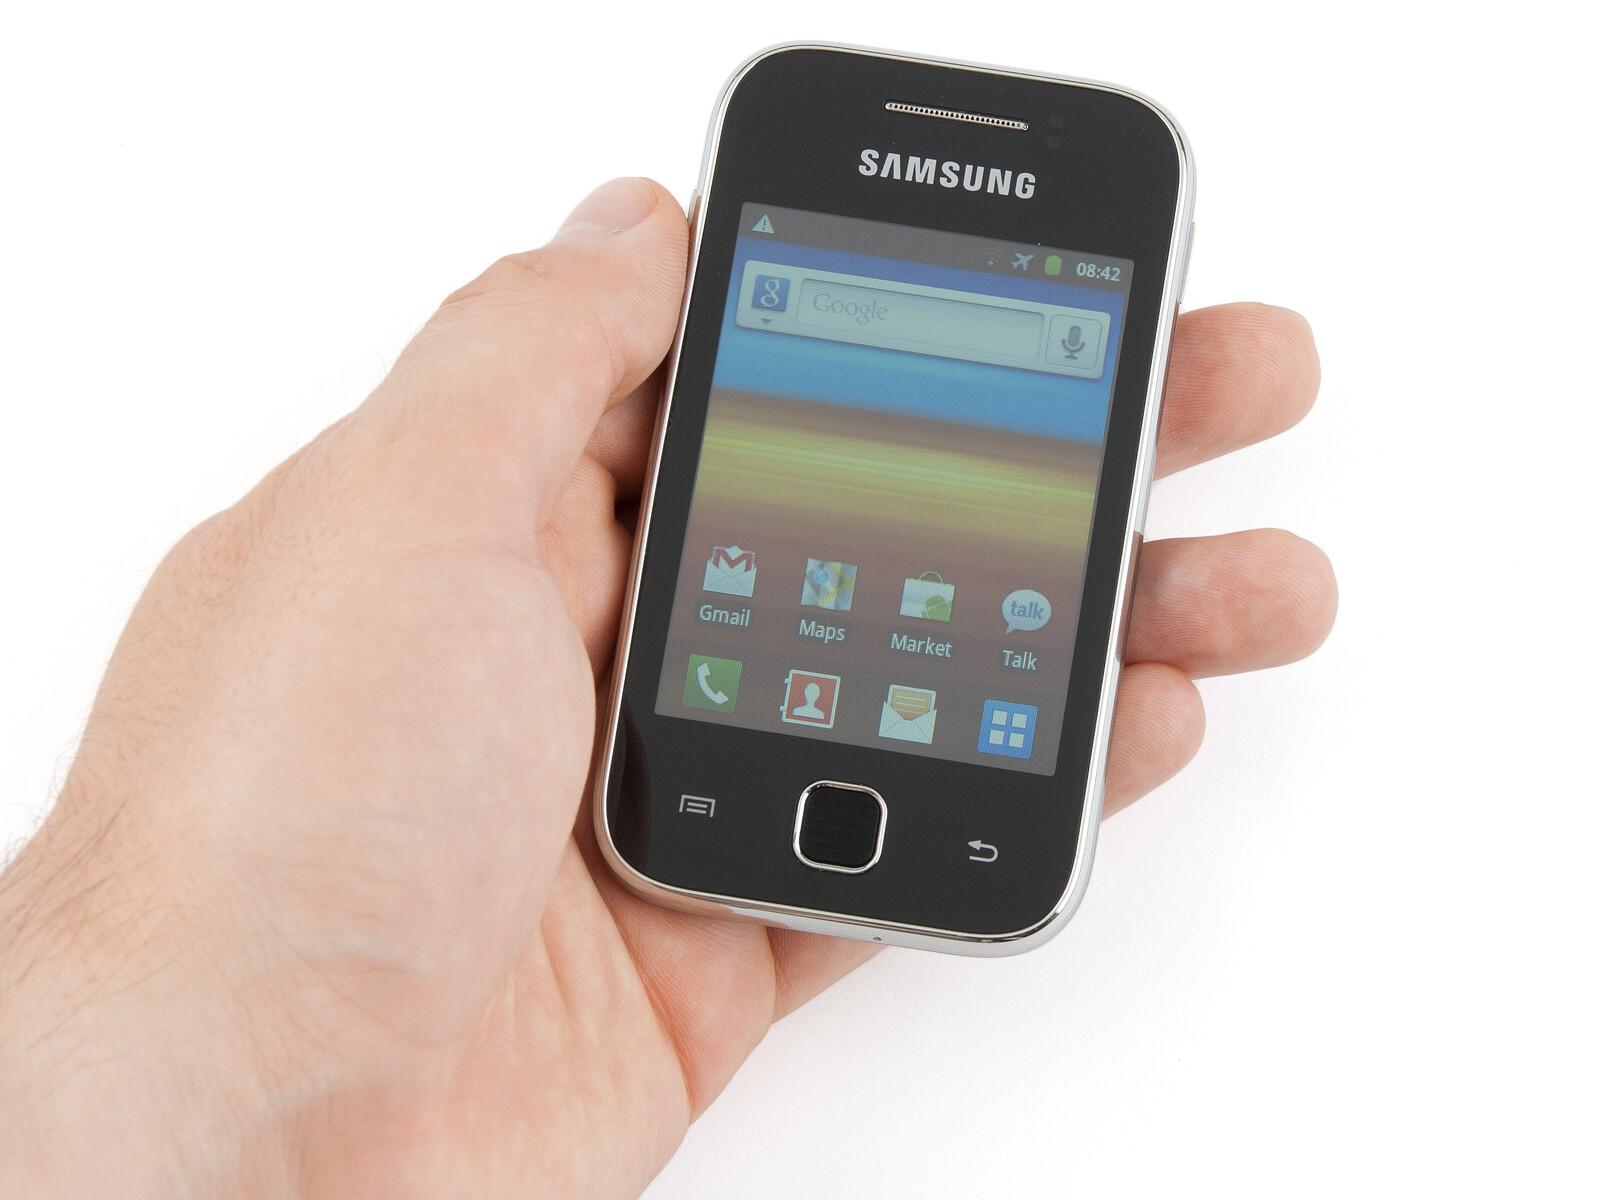 Samsung galaxy y specs.